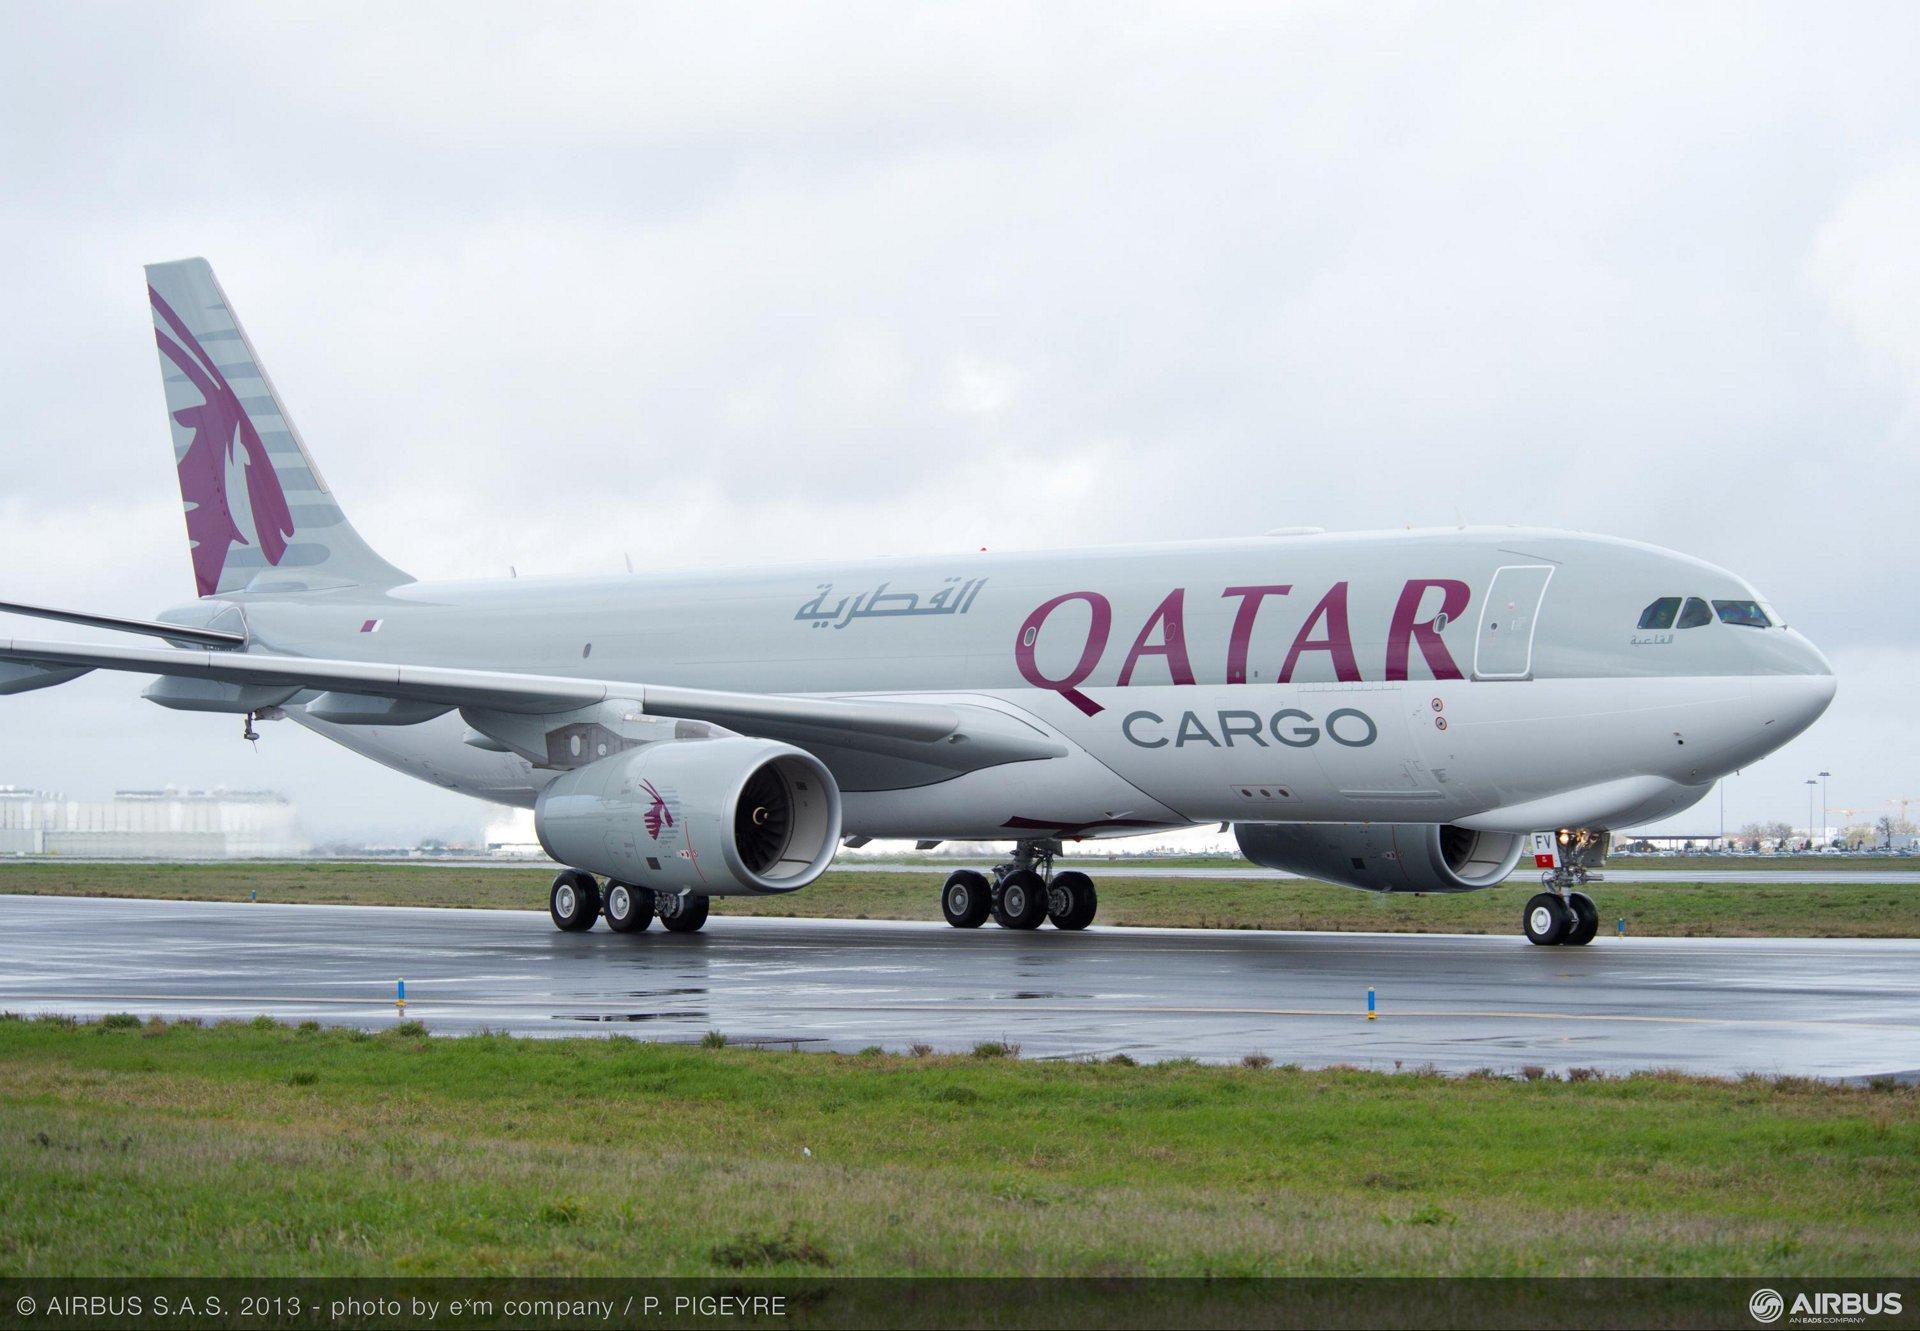 Qatar_A330-200F_cargo_aircraft.jpg